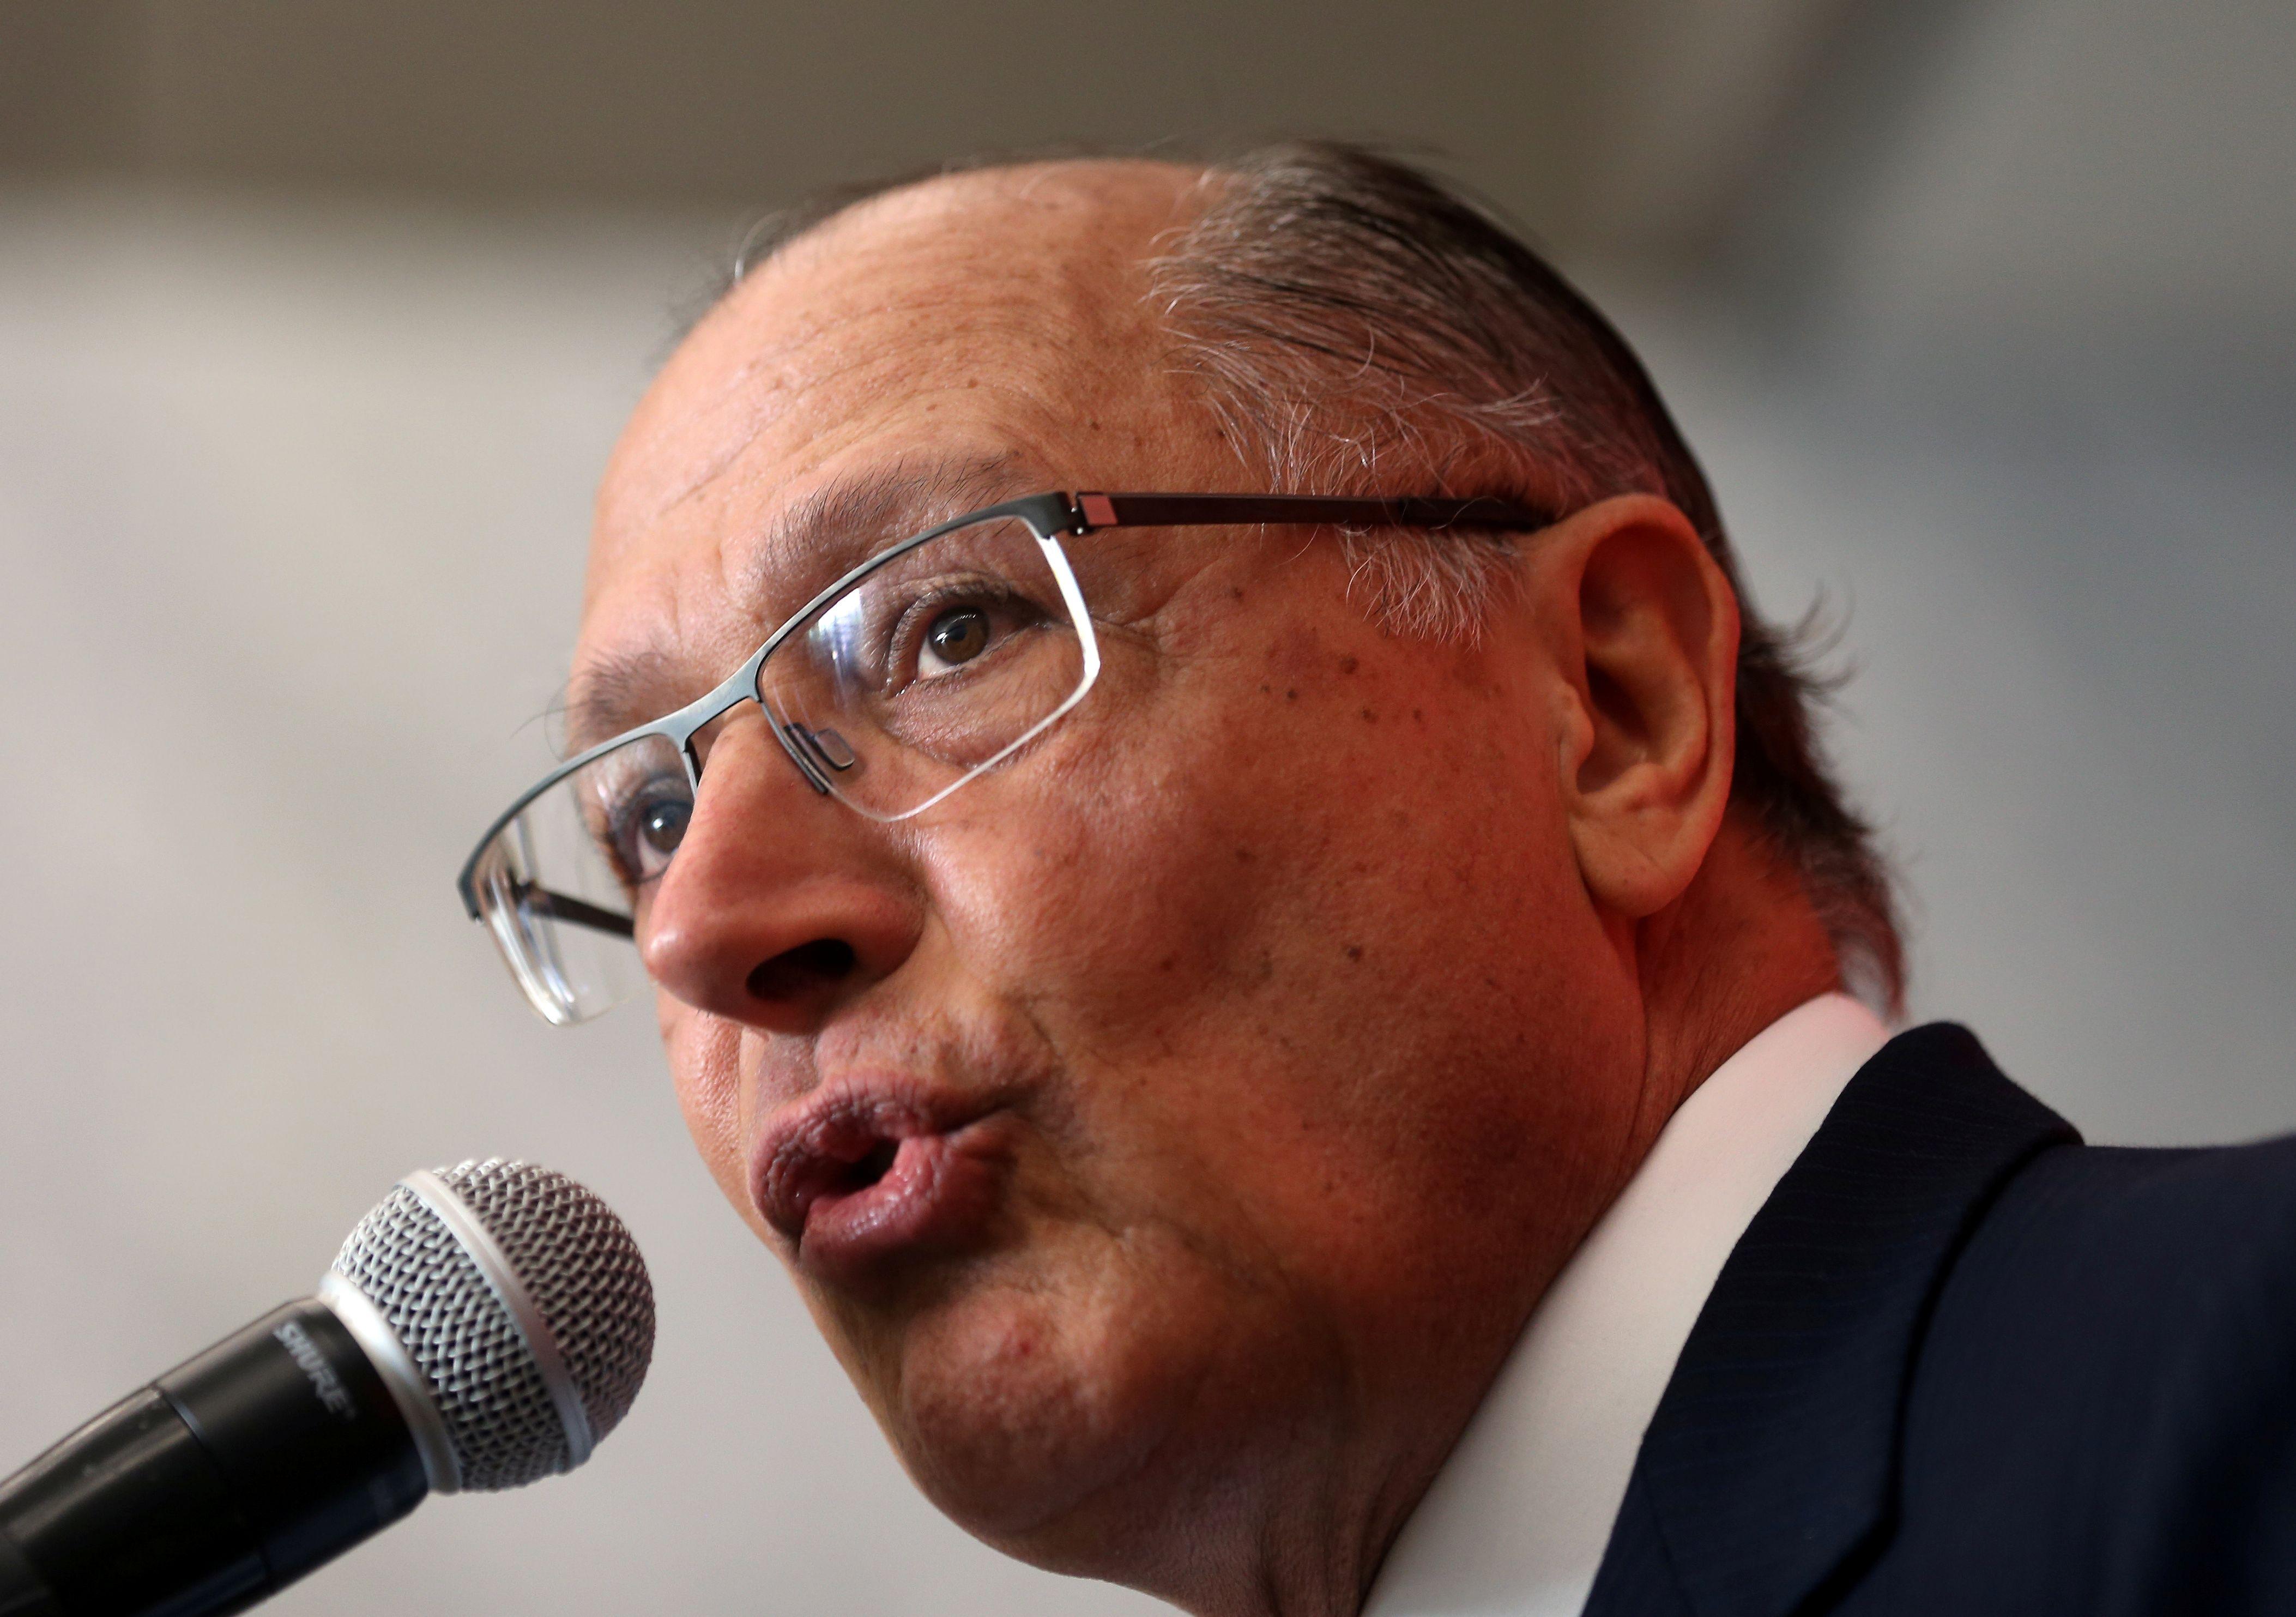 'Justiça não é vermelha nem azul', diz Alckmin sobre Azeredo